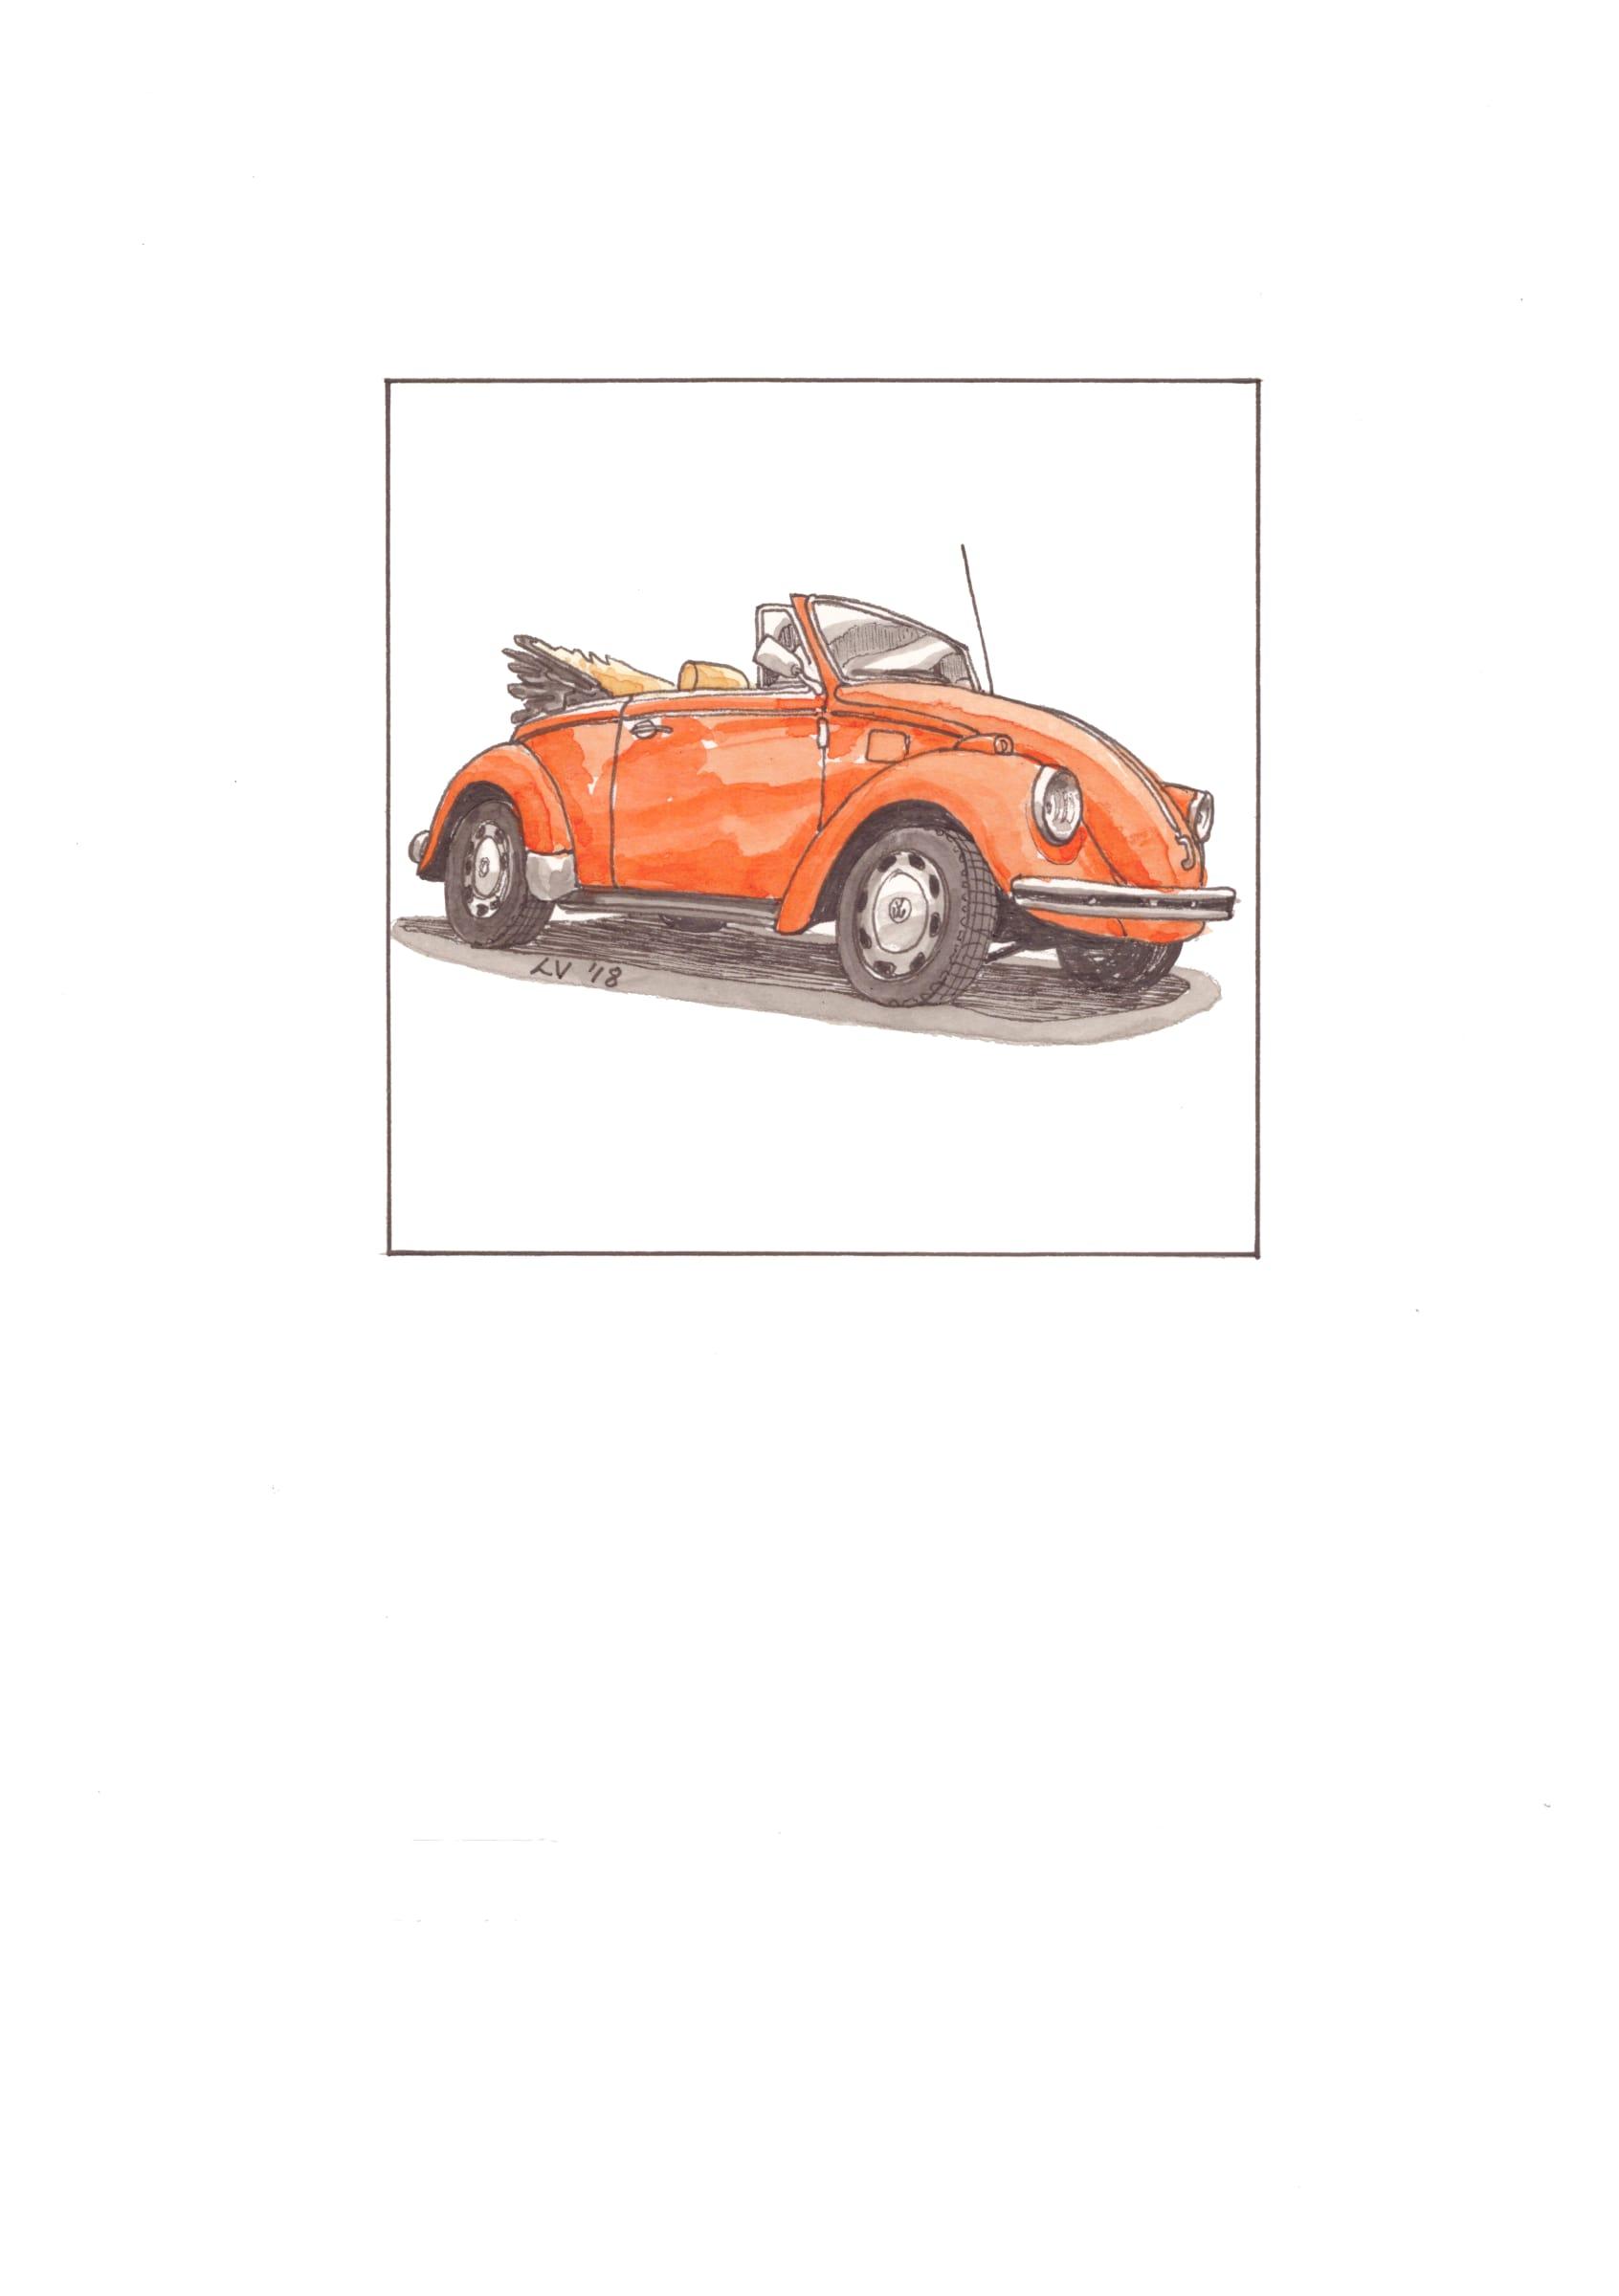 <span class=&#34;link fancybox-details-link&#34;><a href=&#34;/artists/71-leonora-venter/works/2270-leonora-venter-vw-beetle-2018/&#34;>View Detail Page</a></span><div class=&#34;artist&#34;><strong>Leonora Venter</strong></div> <div class=&#34;title&#34;><em>Vw Beetle</em>, 2018</div> <div class=&#34;medium&#34;>Coloured Ink On Paper</div> <div class=&#34;dimensions&#34;>14.5cm x 10.5cm</div><div class=&#34;price&#34;>R600.00</div>